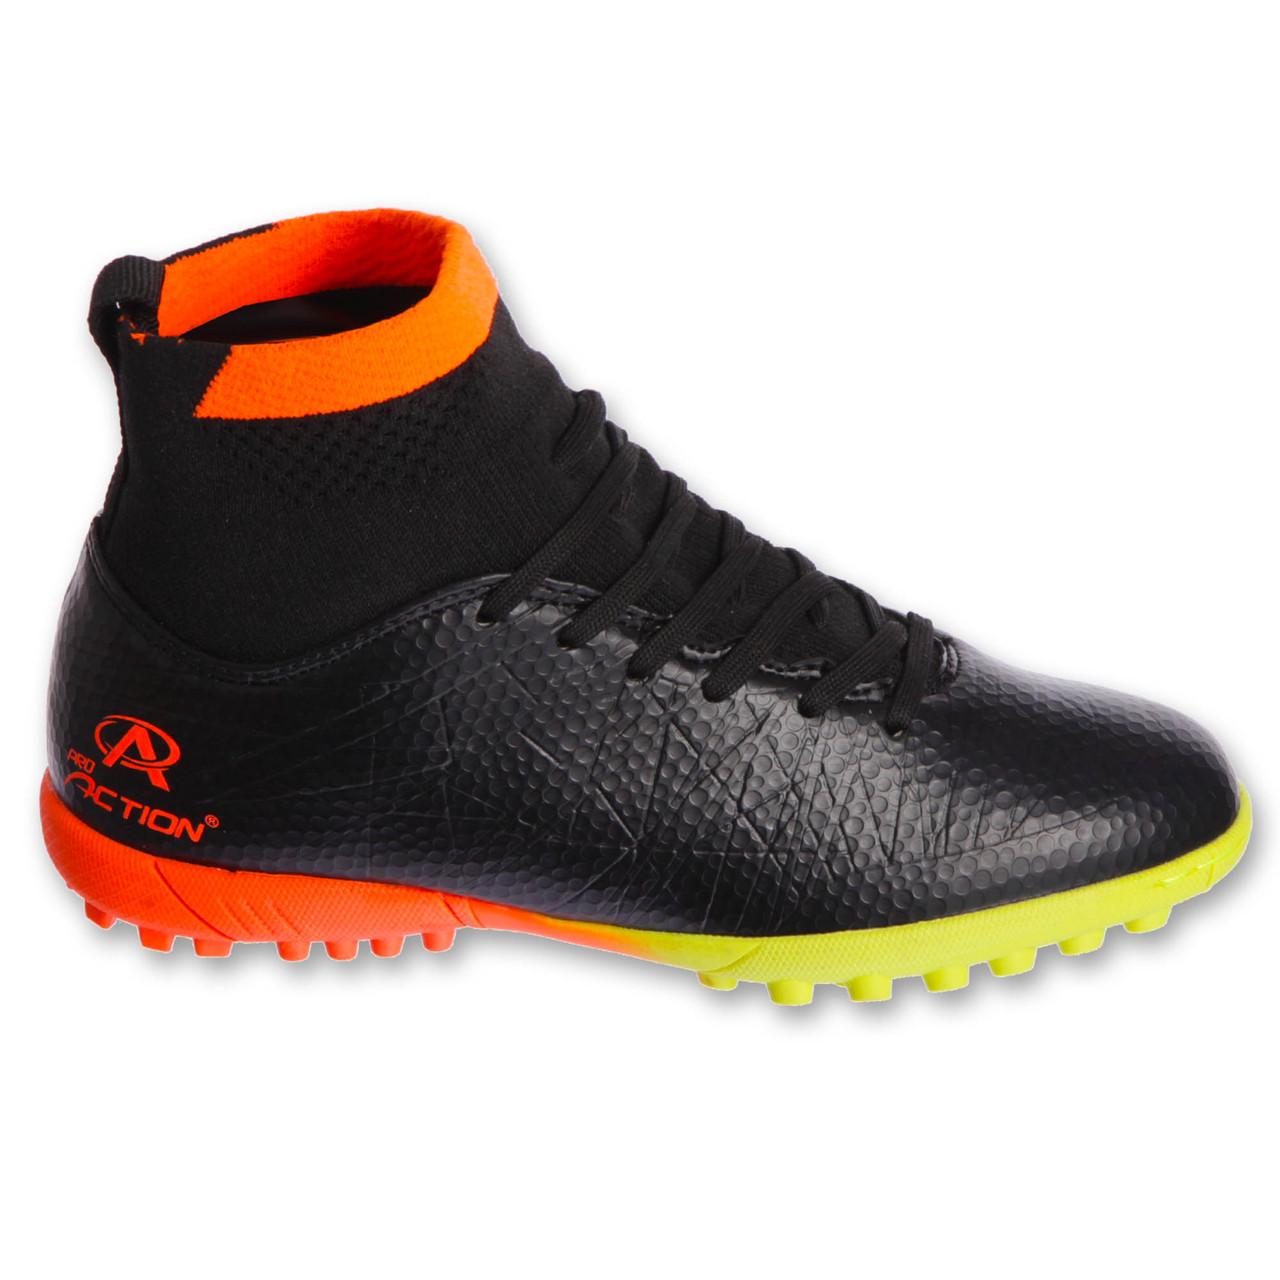 Сороконожки обувь футбольная подростковая с носком Pro Action PRO-823-B1 BLACK/ORANGE размер 35-40 (верх-PU, черный-оранжевый)